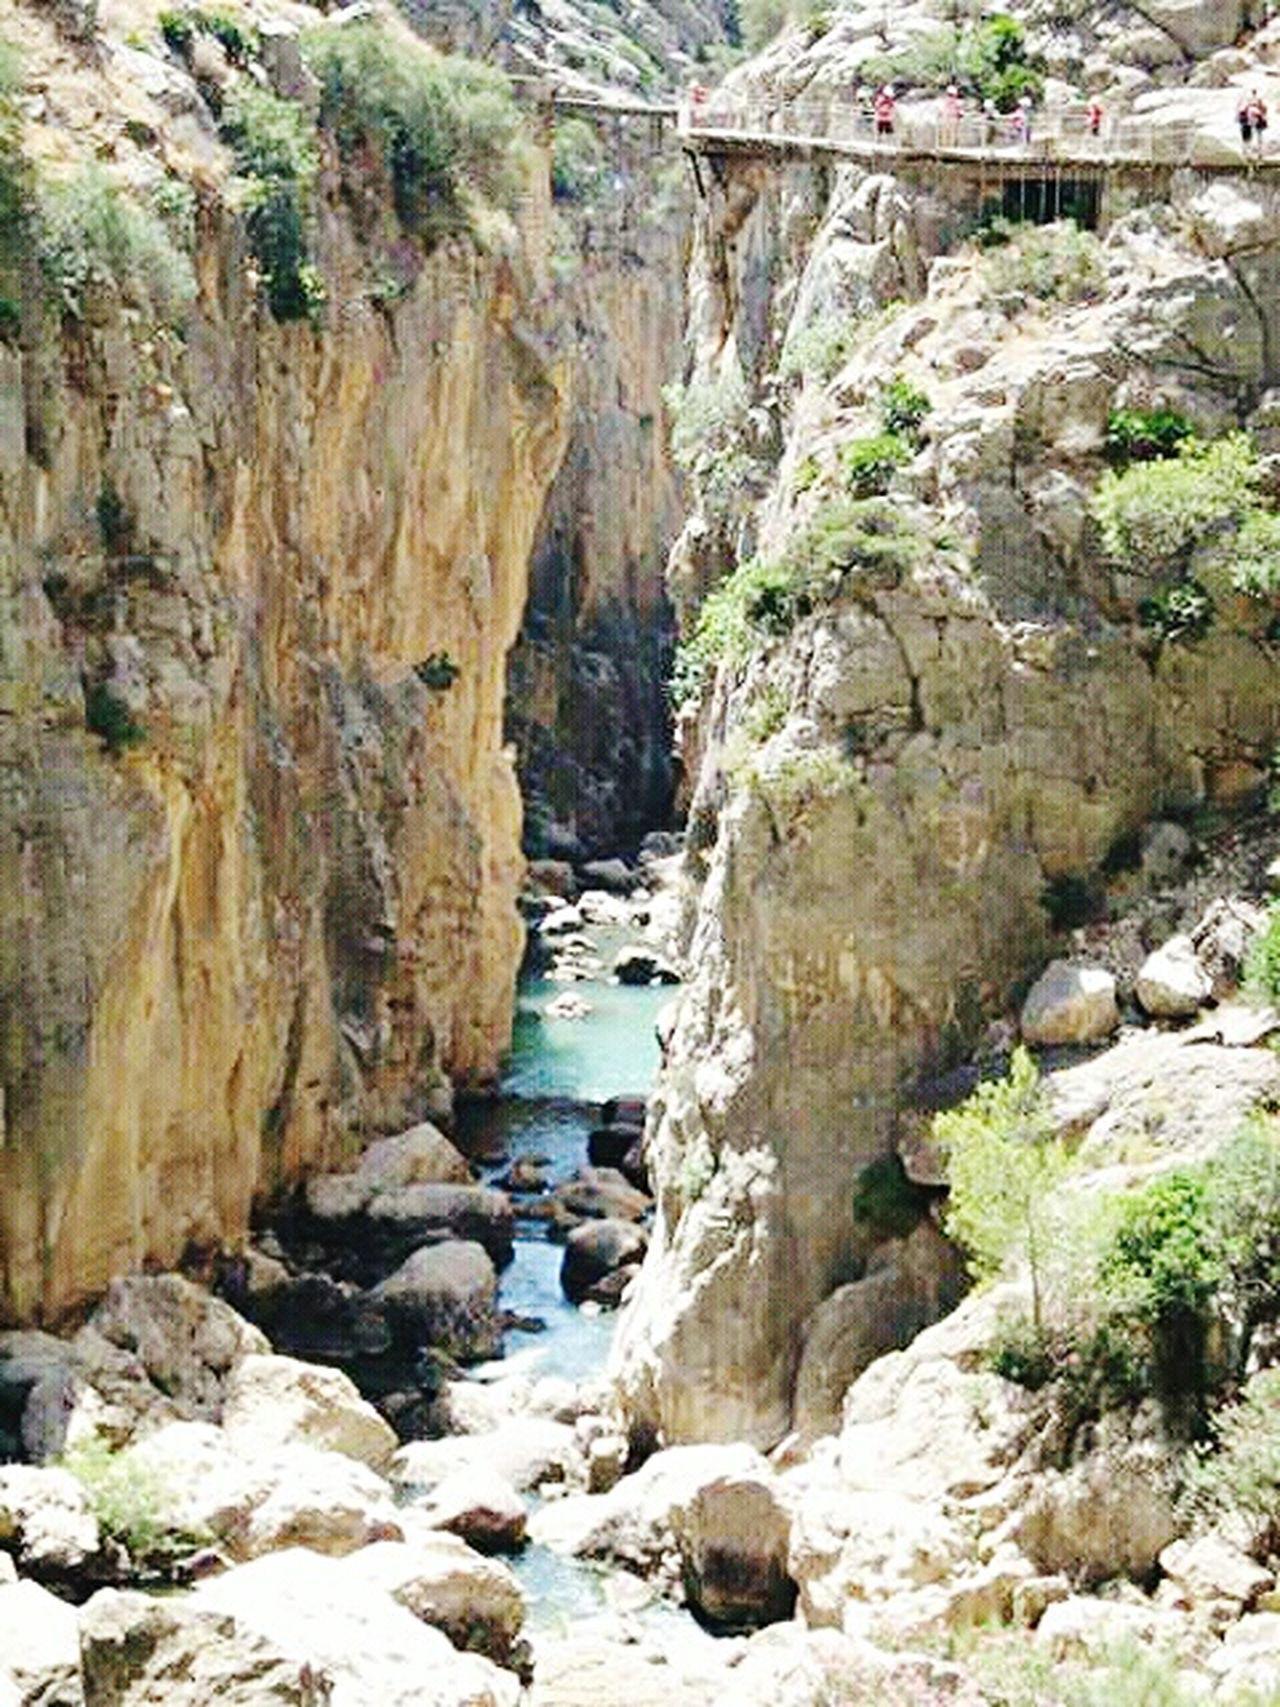 River Rio Caminito Del Rey Ardales Spain España EyeEm Nature Lover Hello World Montañas❤ Malaga Mountain Spain ✈️🇪🇸 España🇪🇸 Spain, Andalucia, Malaga Puentes Bridge Puente Ardales